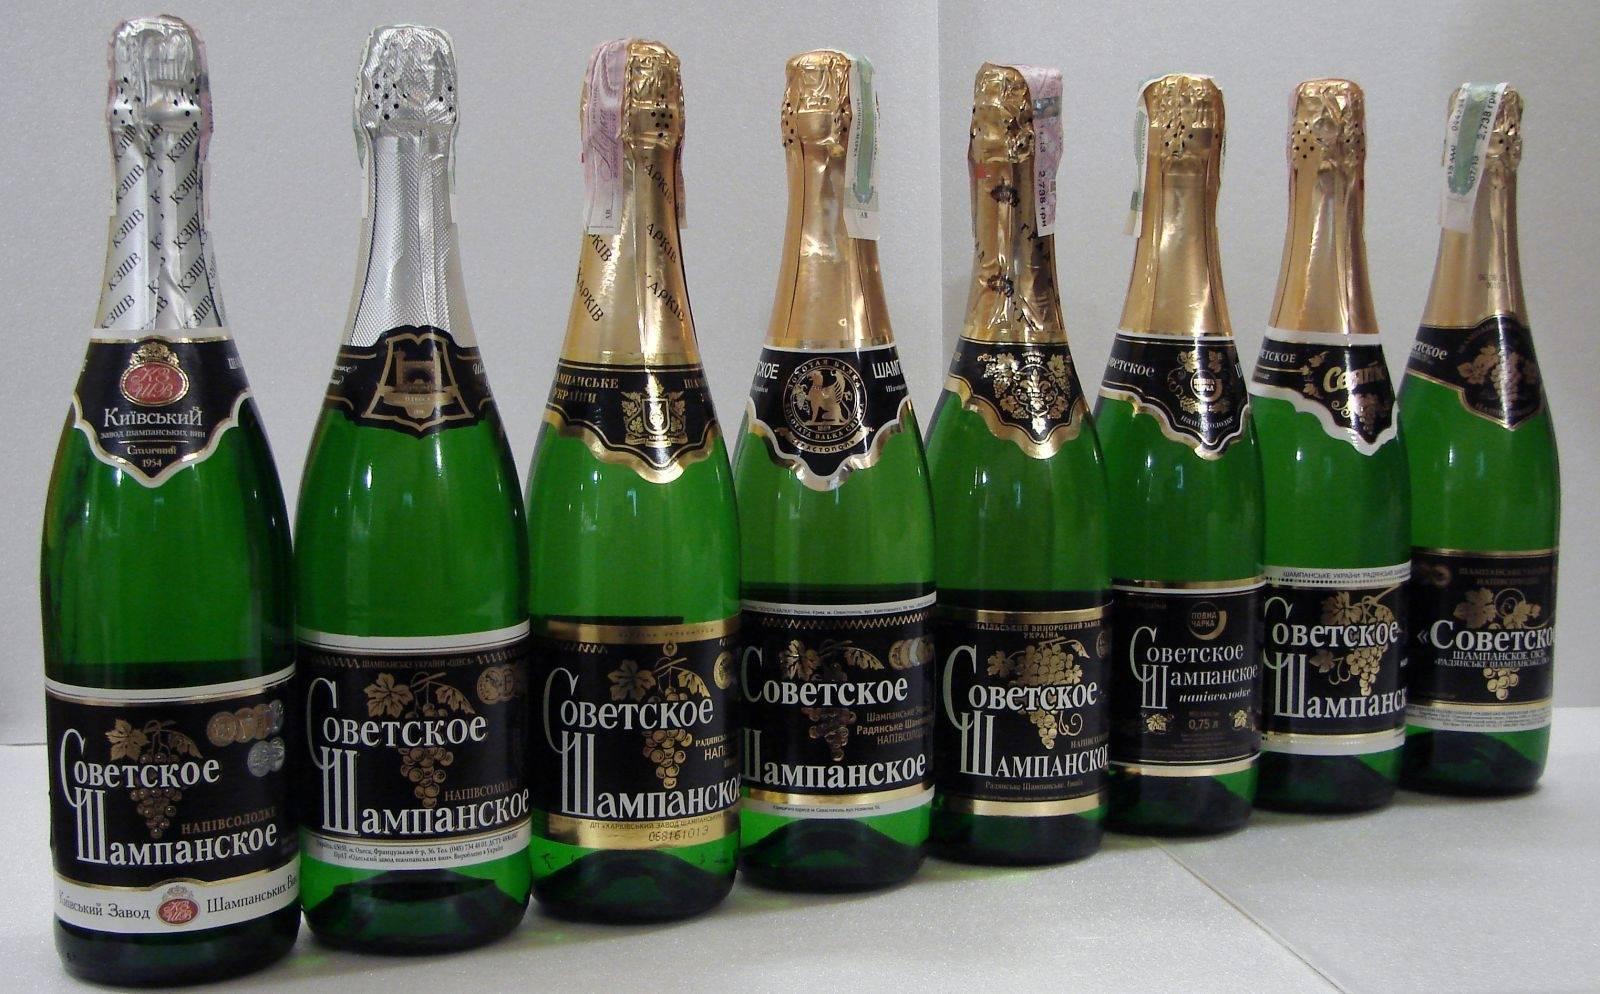 Какое советское шампанское лучше выбрать на подарок – рейтинг отечественного шампанского